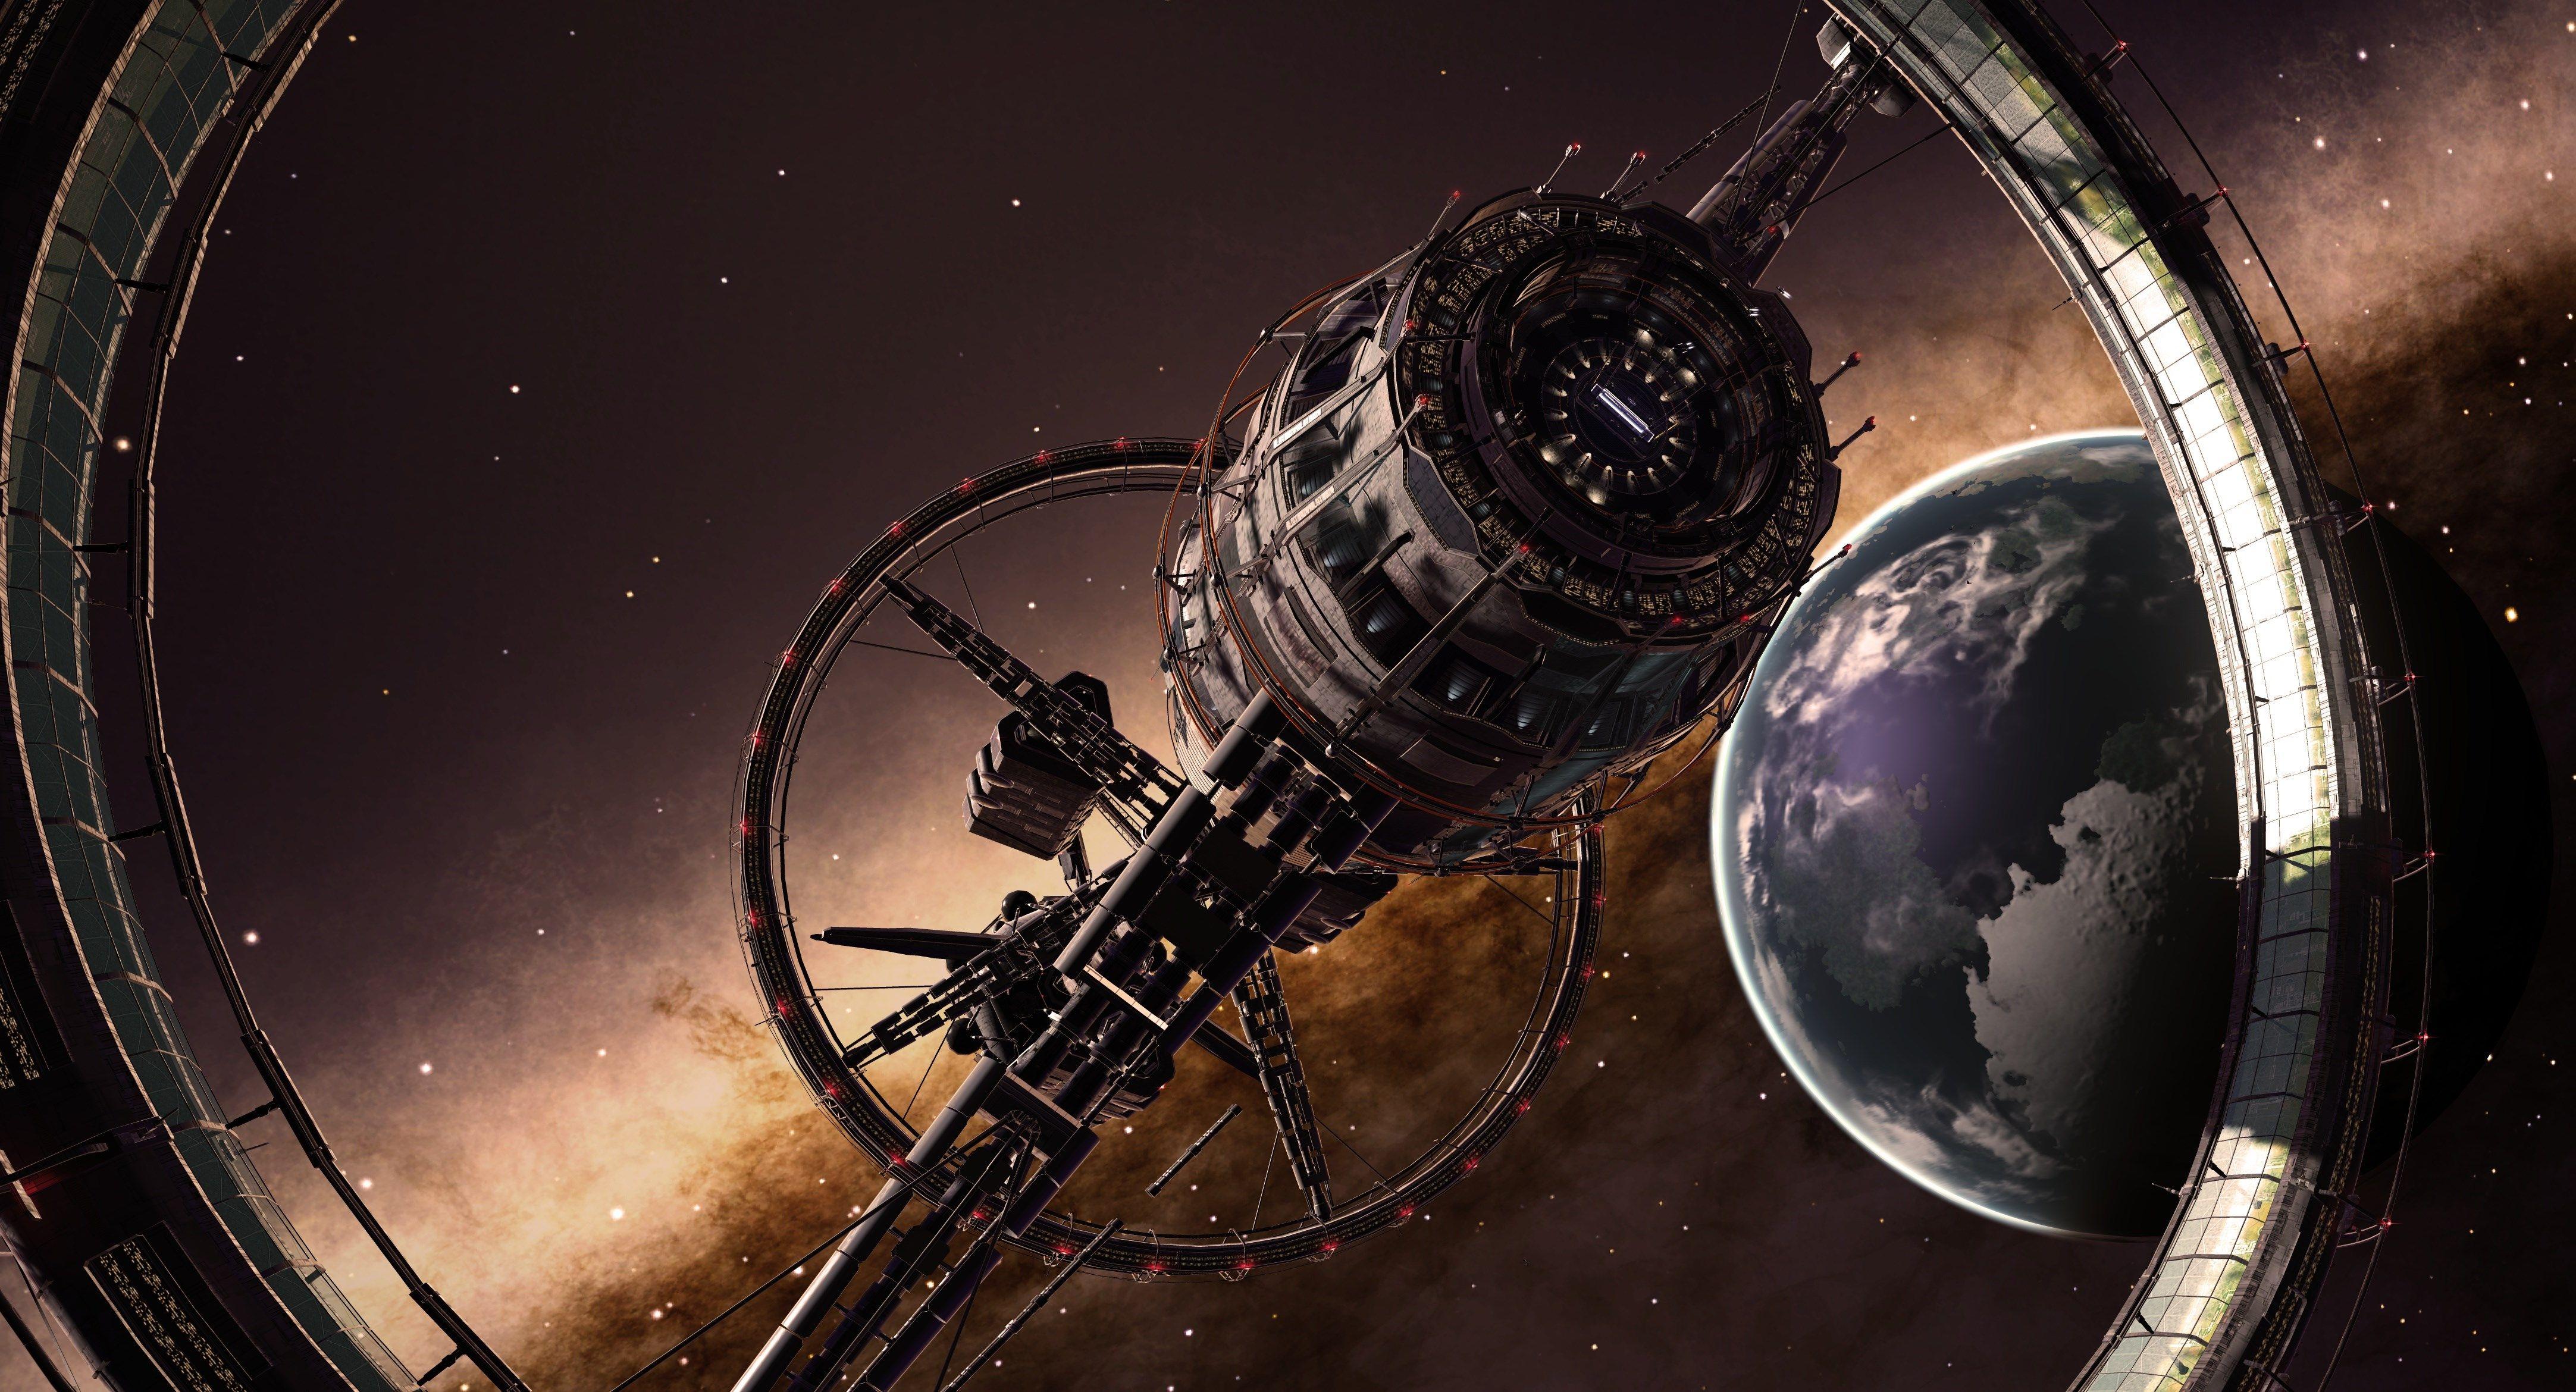 Best Elite Dangerous Backround Kenton Edwards 4330x2340 Art Wallpaper Science Fiction Fan Art